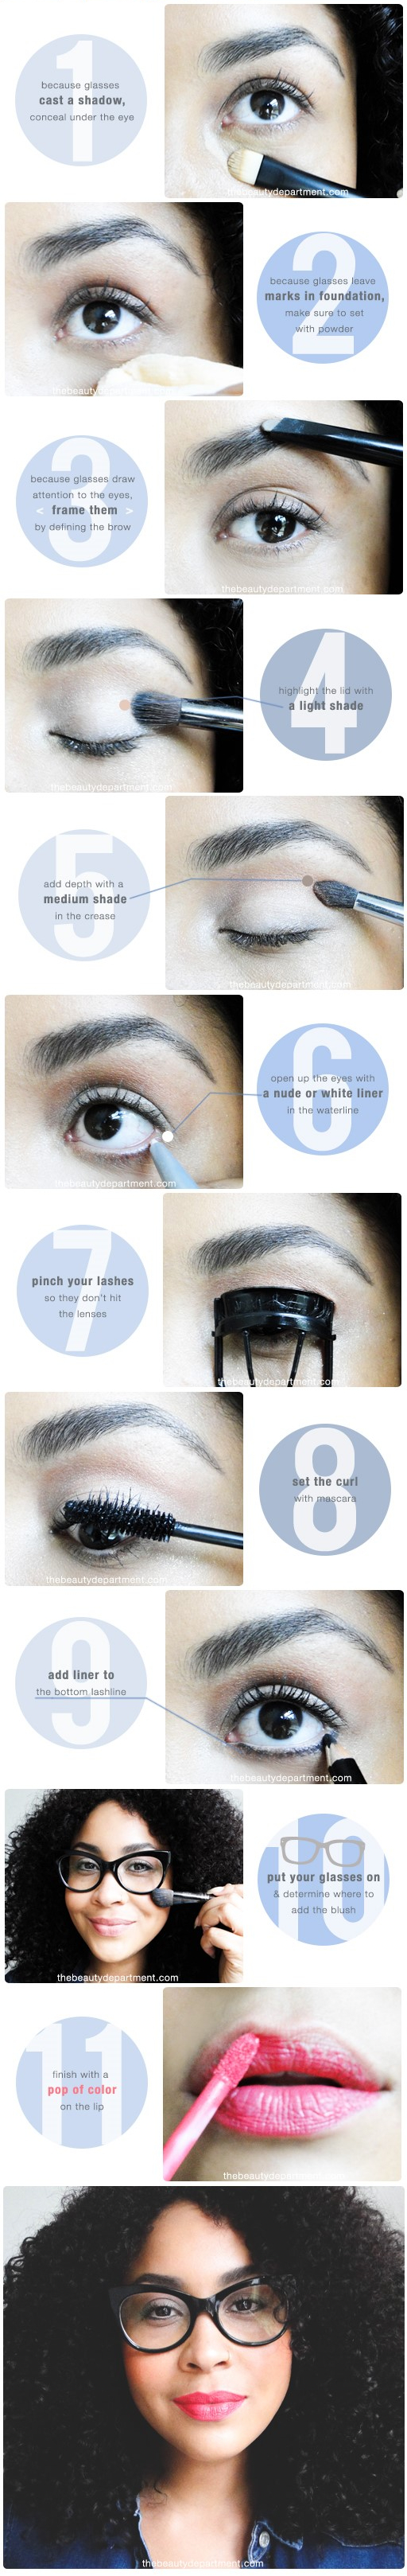 tbd makeup for glassesSTEPS